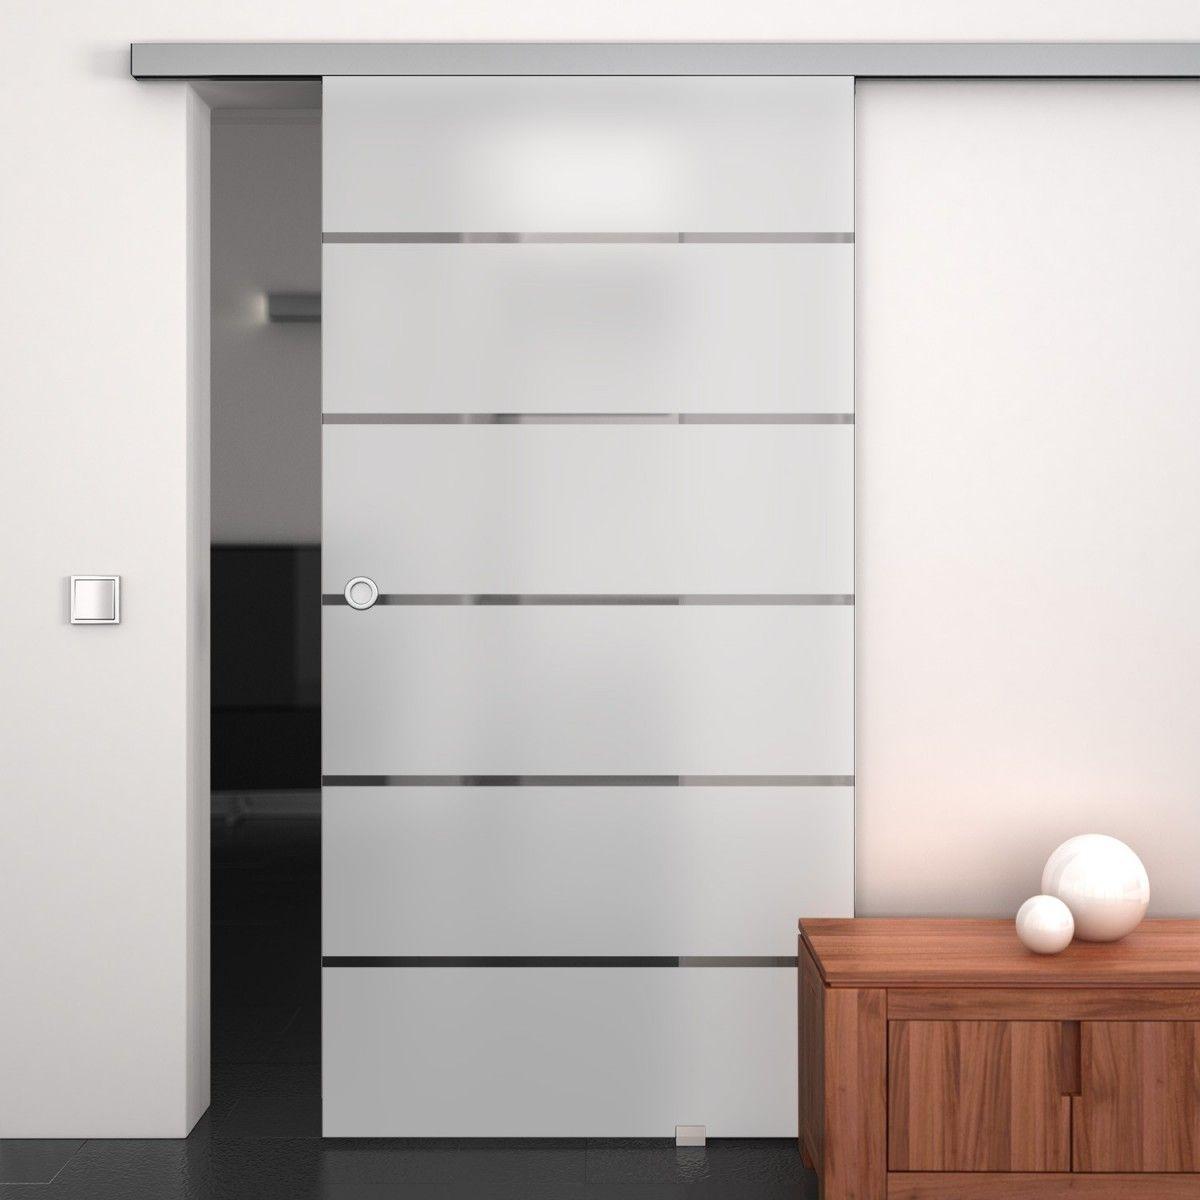 Glas-Schiebetür satiniert mit Motiv Kashi 989706279 | Sliding doors ...